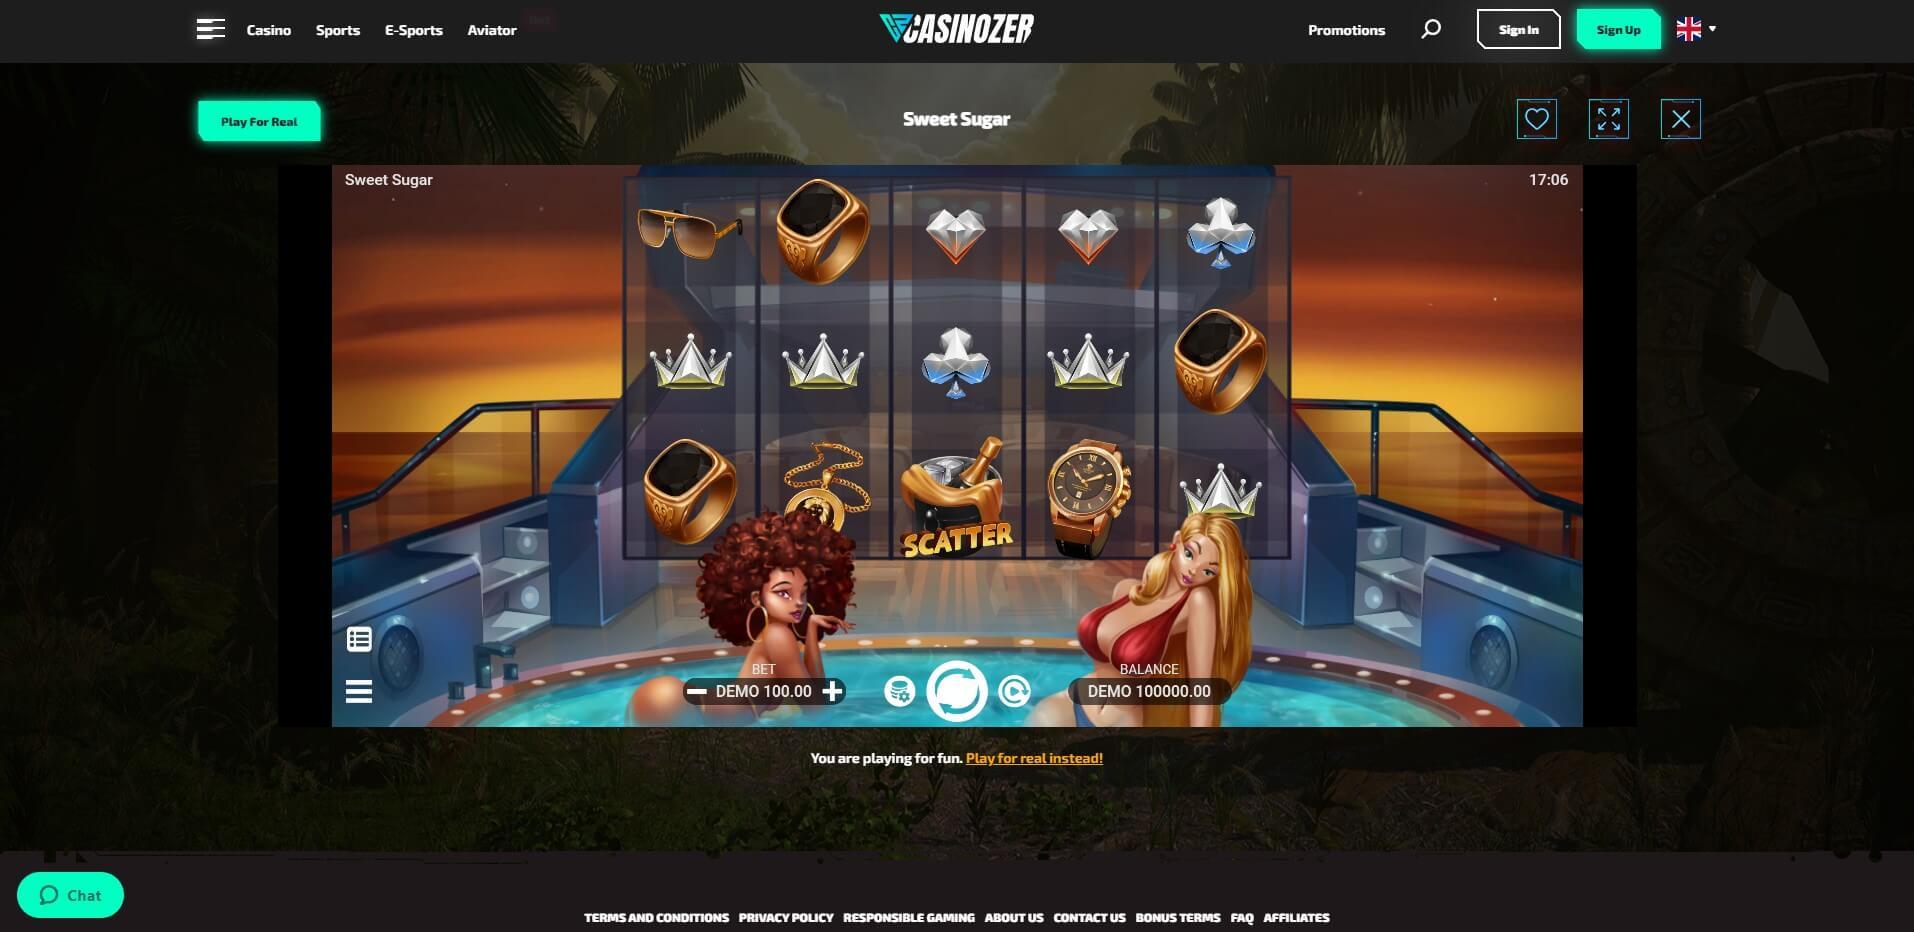 Game Play at Casinozer Casino